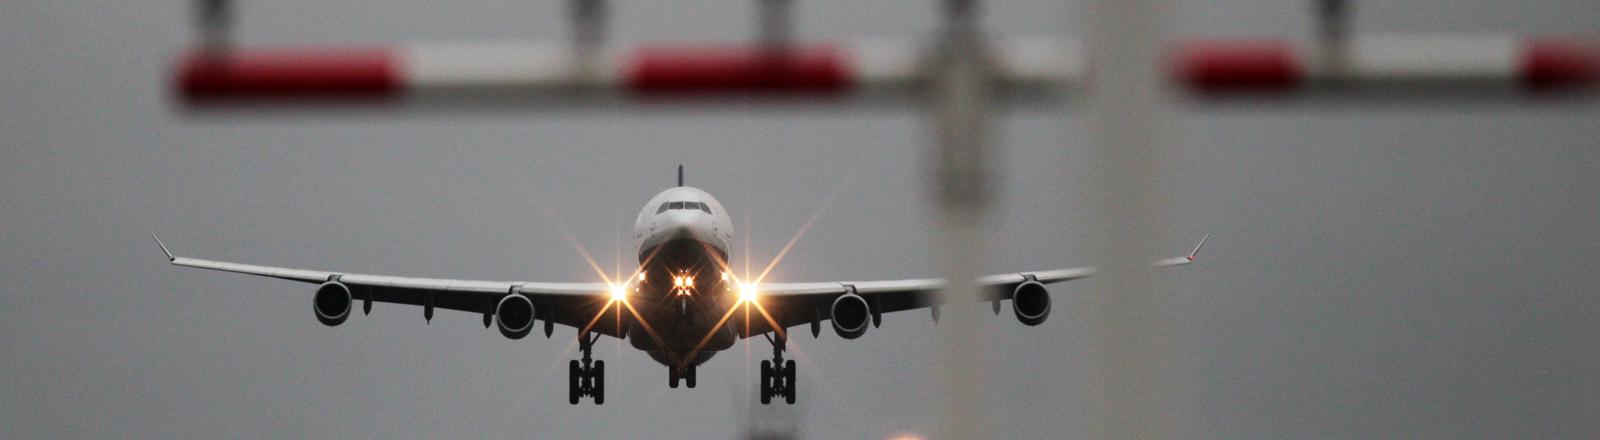 Ein Flugzeug der Lufthansa landet am 20.10.2014 am Flughafen in Frankfurt am Main (Hessen).